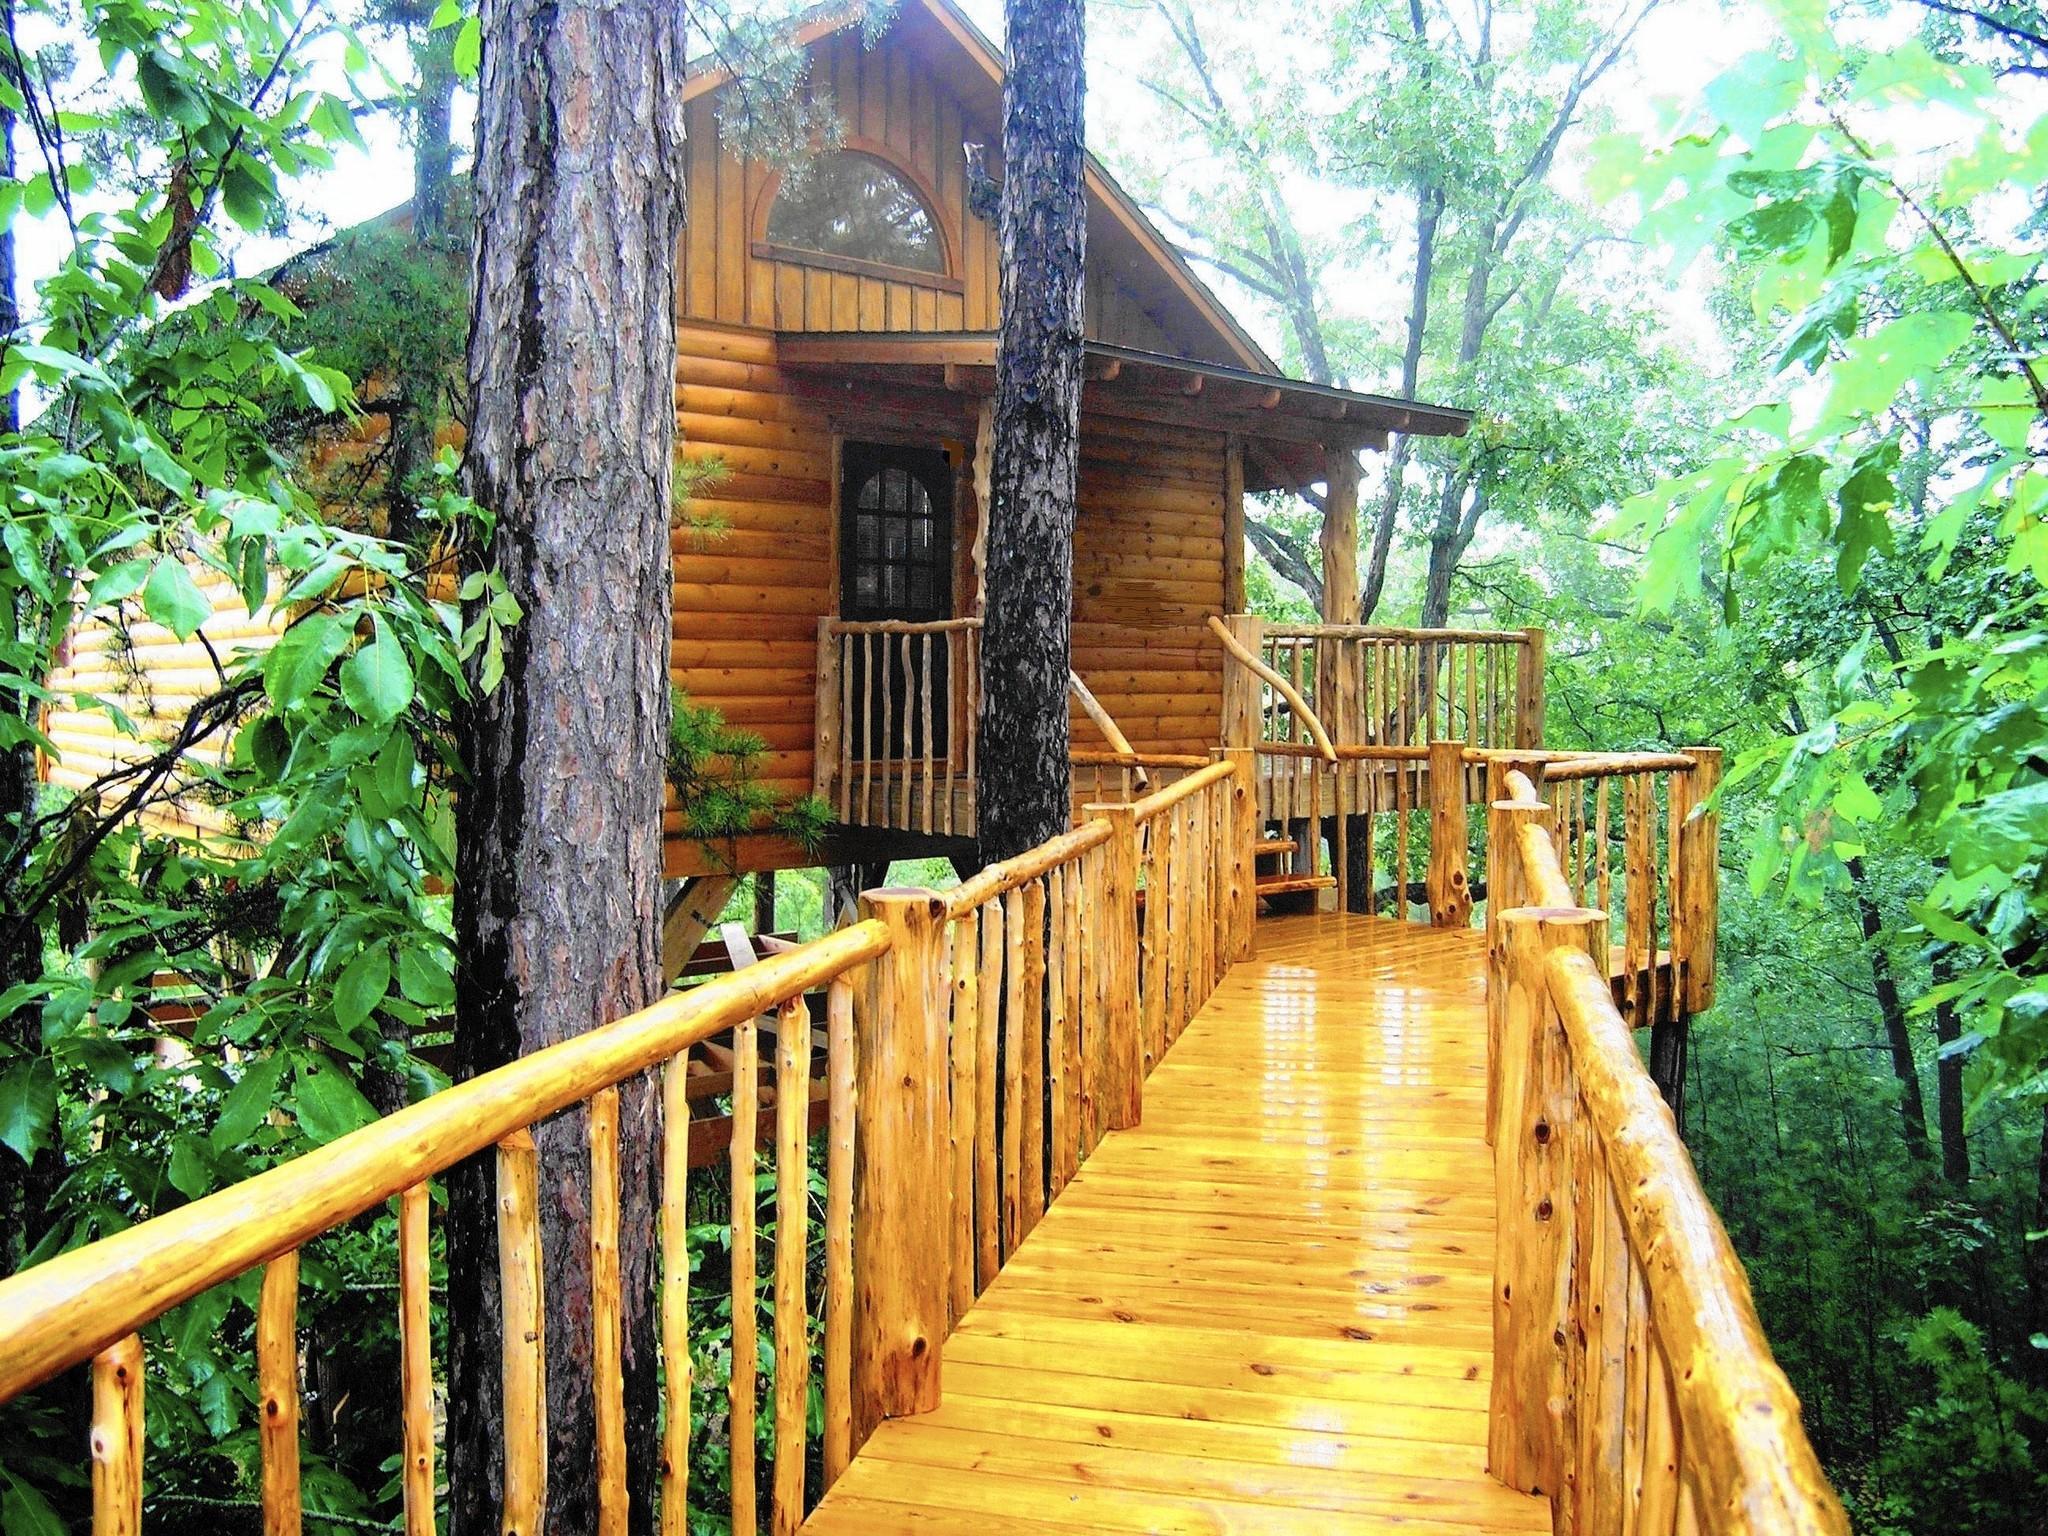 cottage cottages trulia for eureka springs breezy ar p pt sale